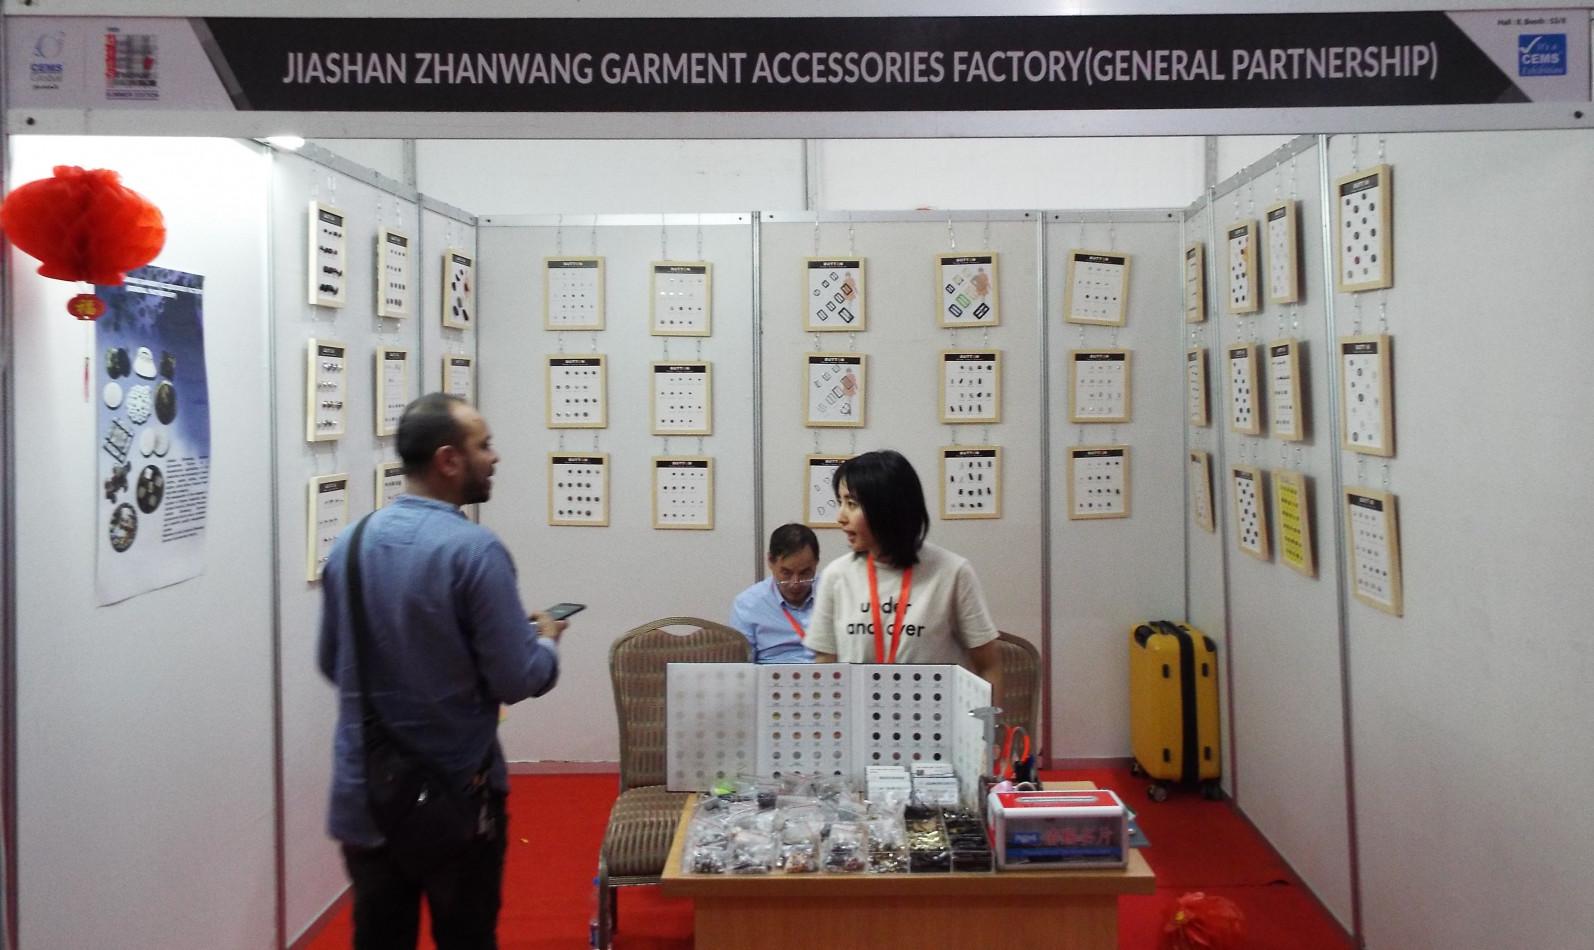 Jiashan Zhanwang Garment Accessories Factory(General Partnership)